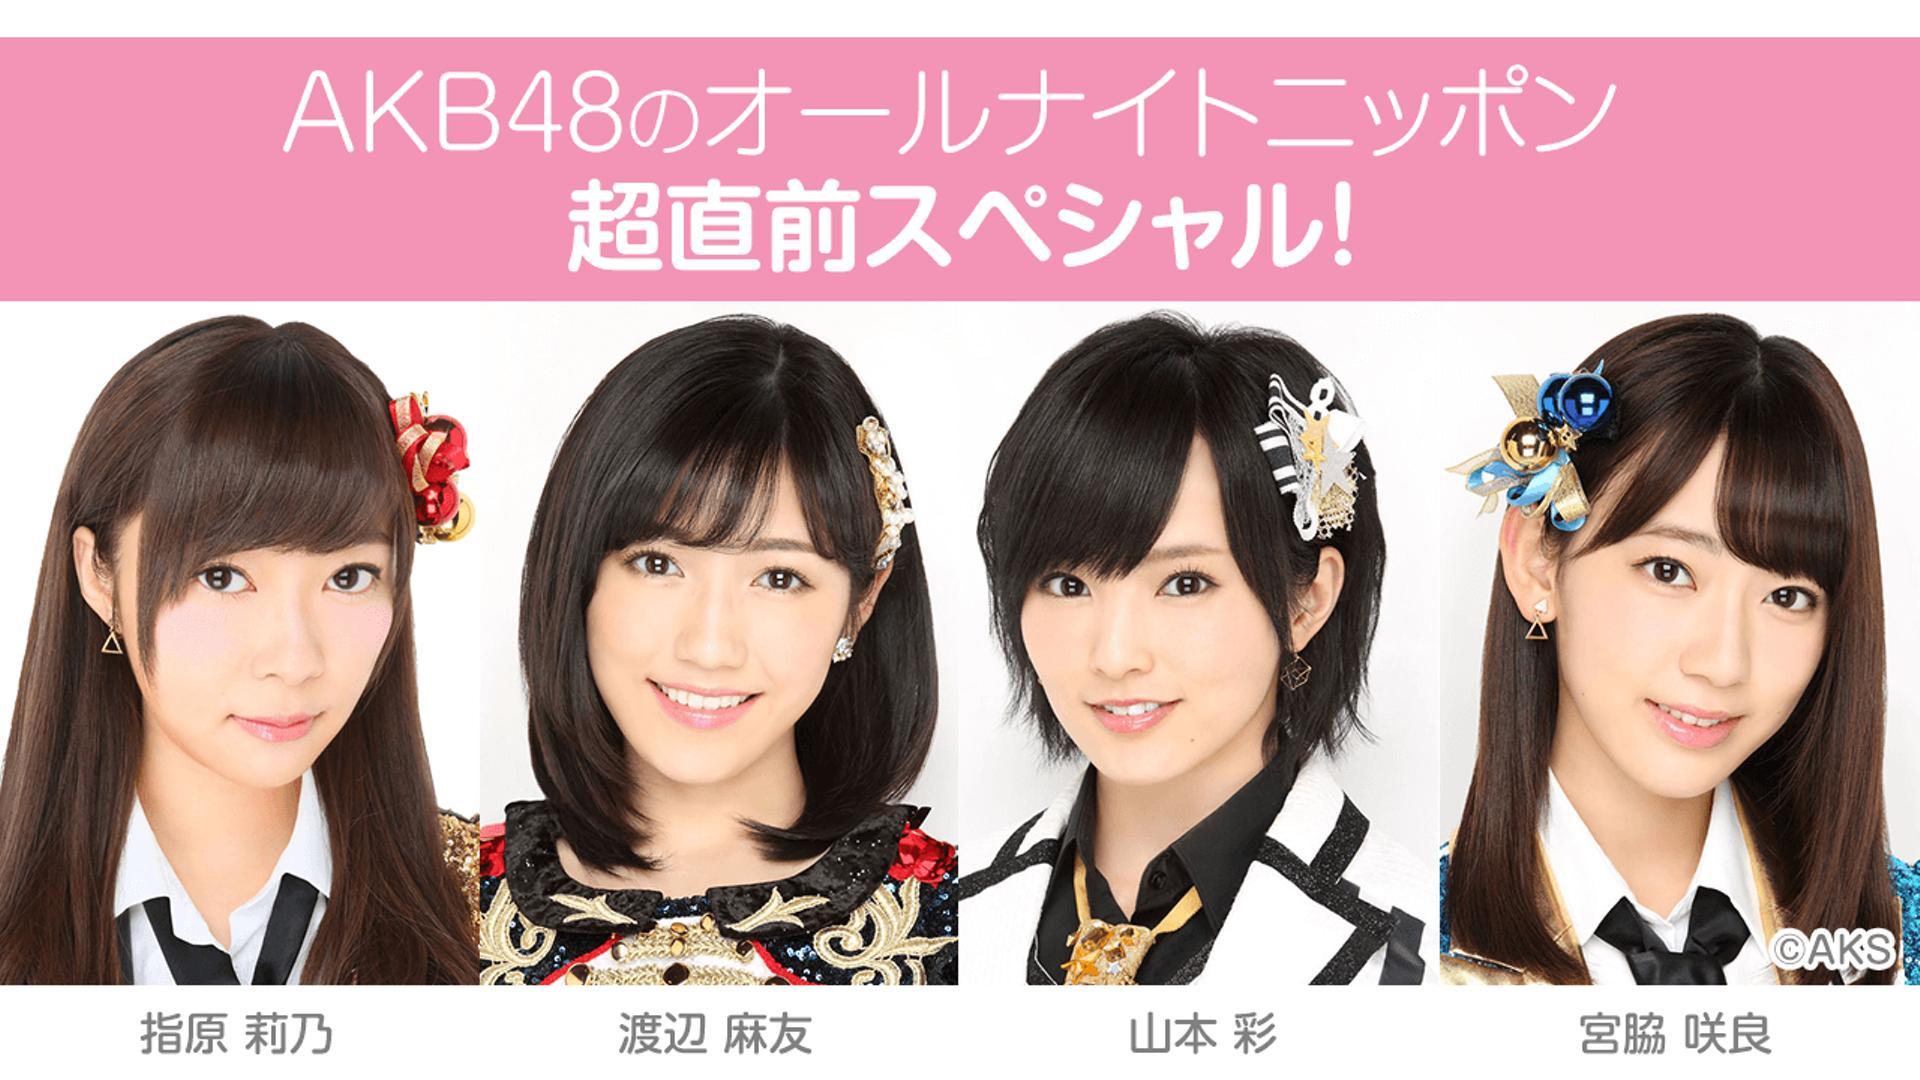 8月24日AKB48オールナイトニッポンに【まゆゆ】が来るぅううSHOWROOM配信